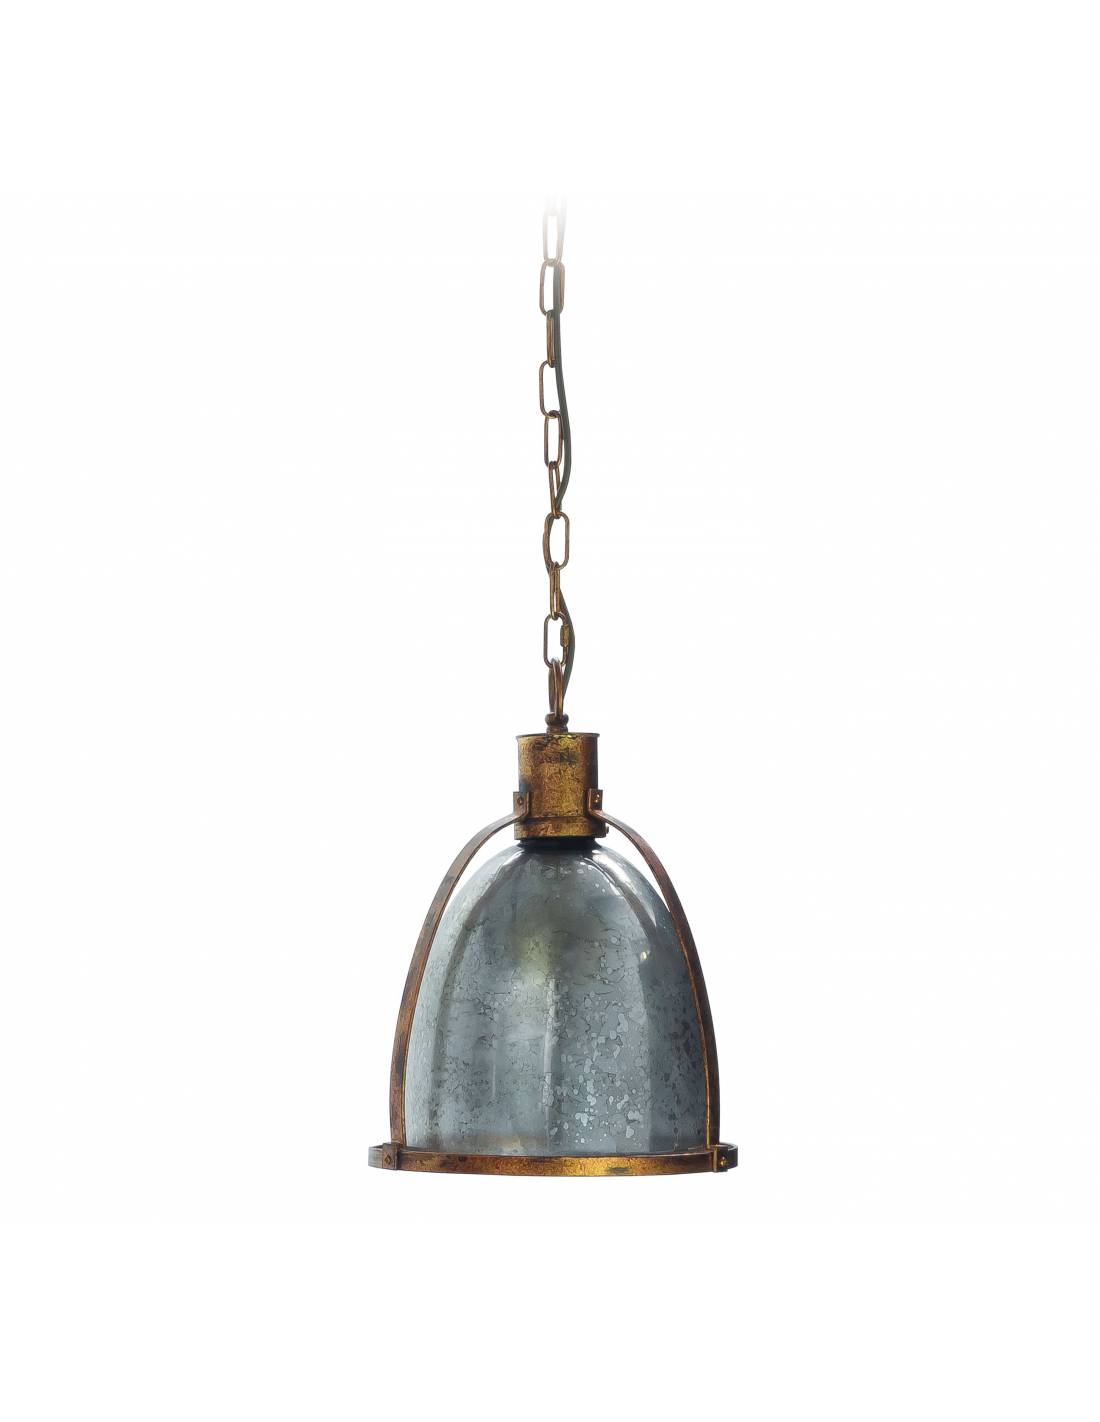 Stylizowany industrialny żyrandol loftowy ze szkła i metalu